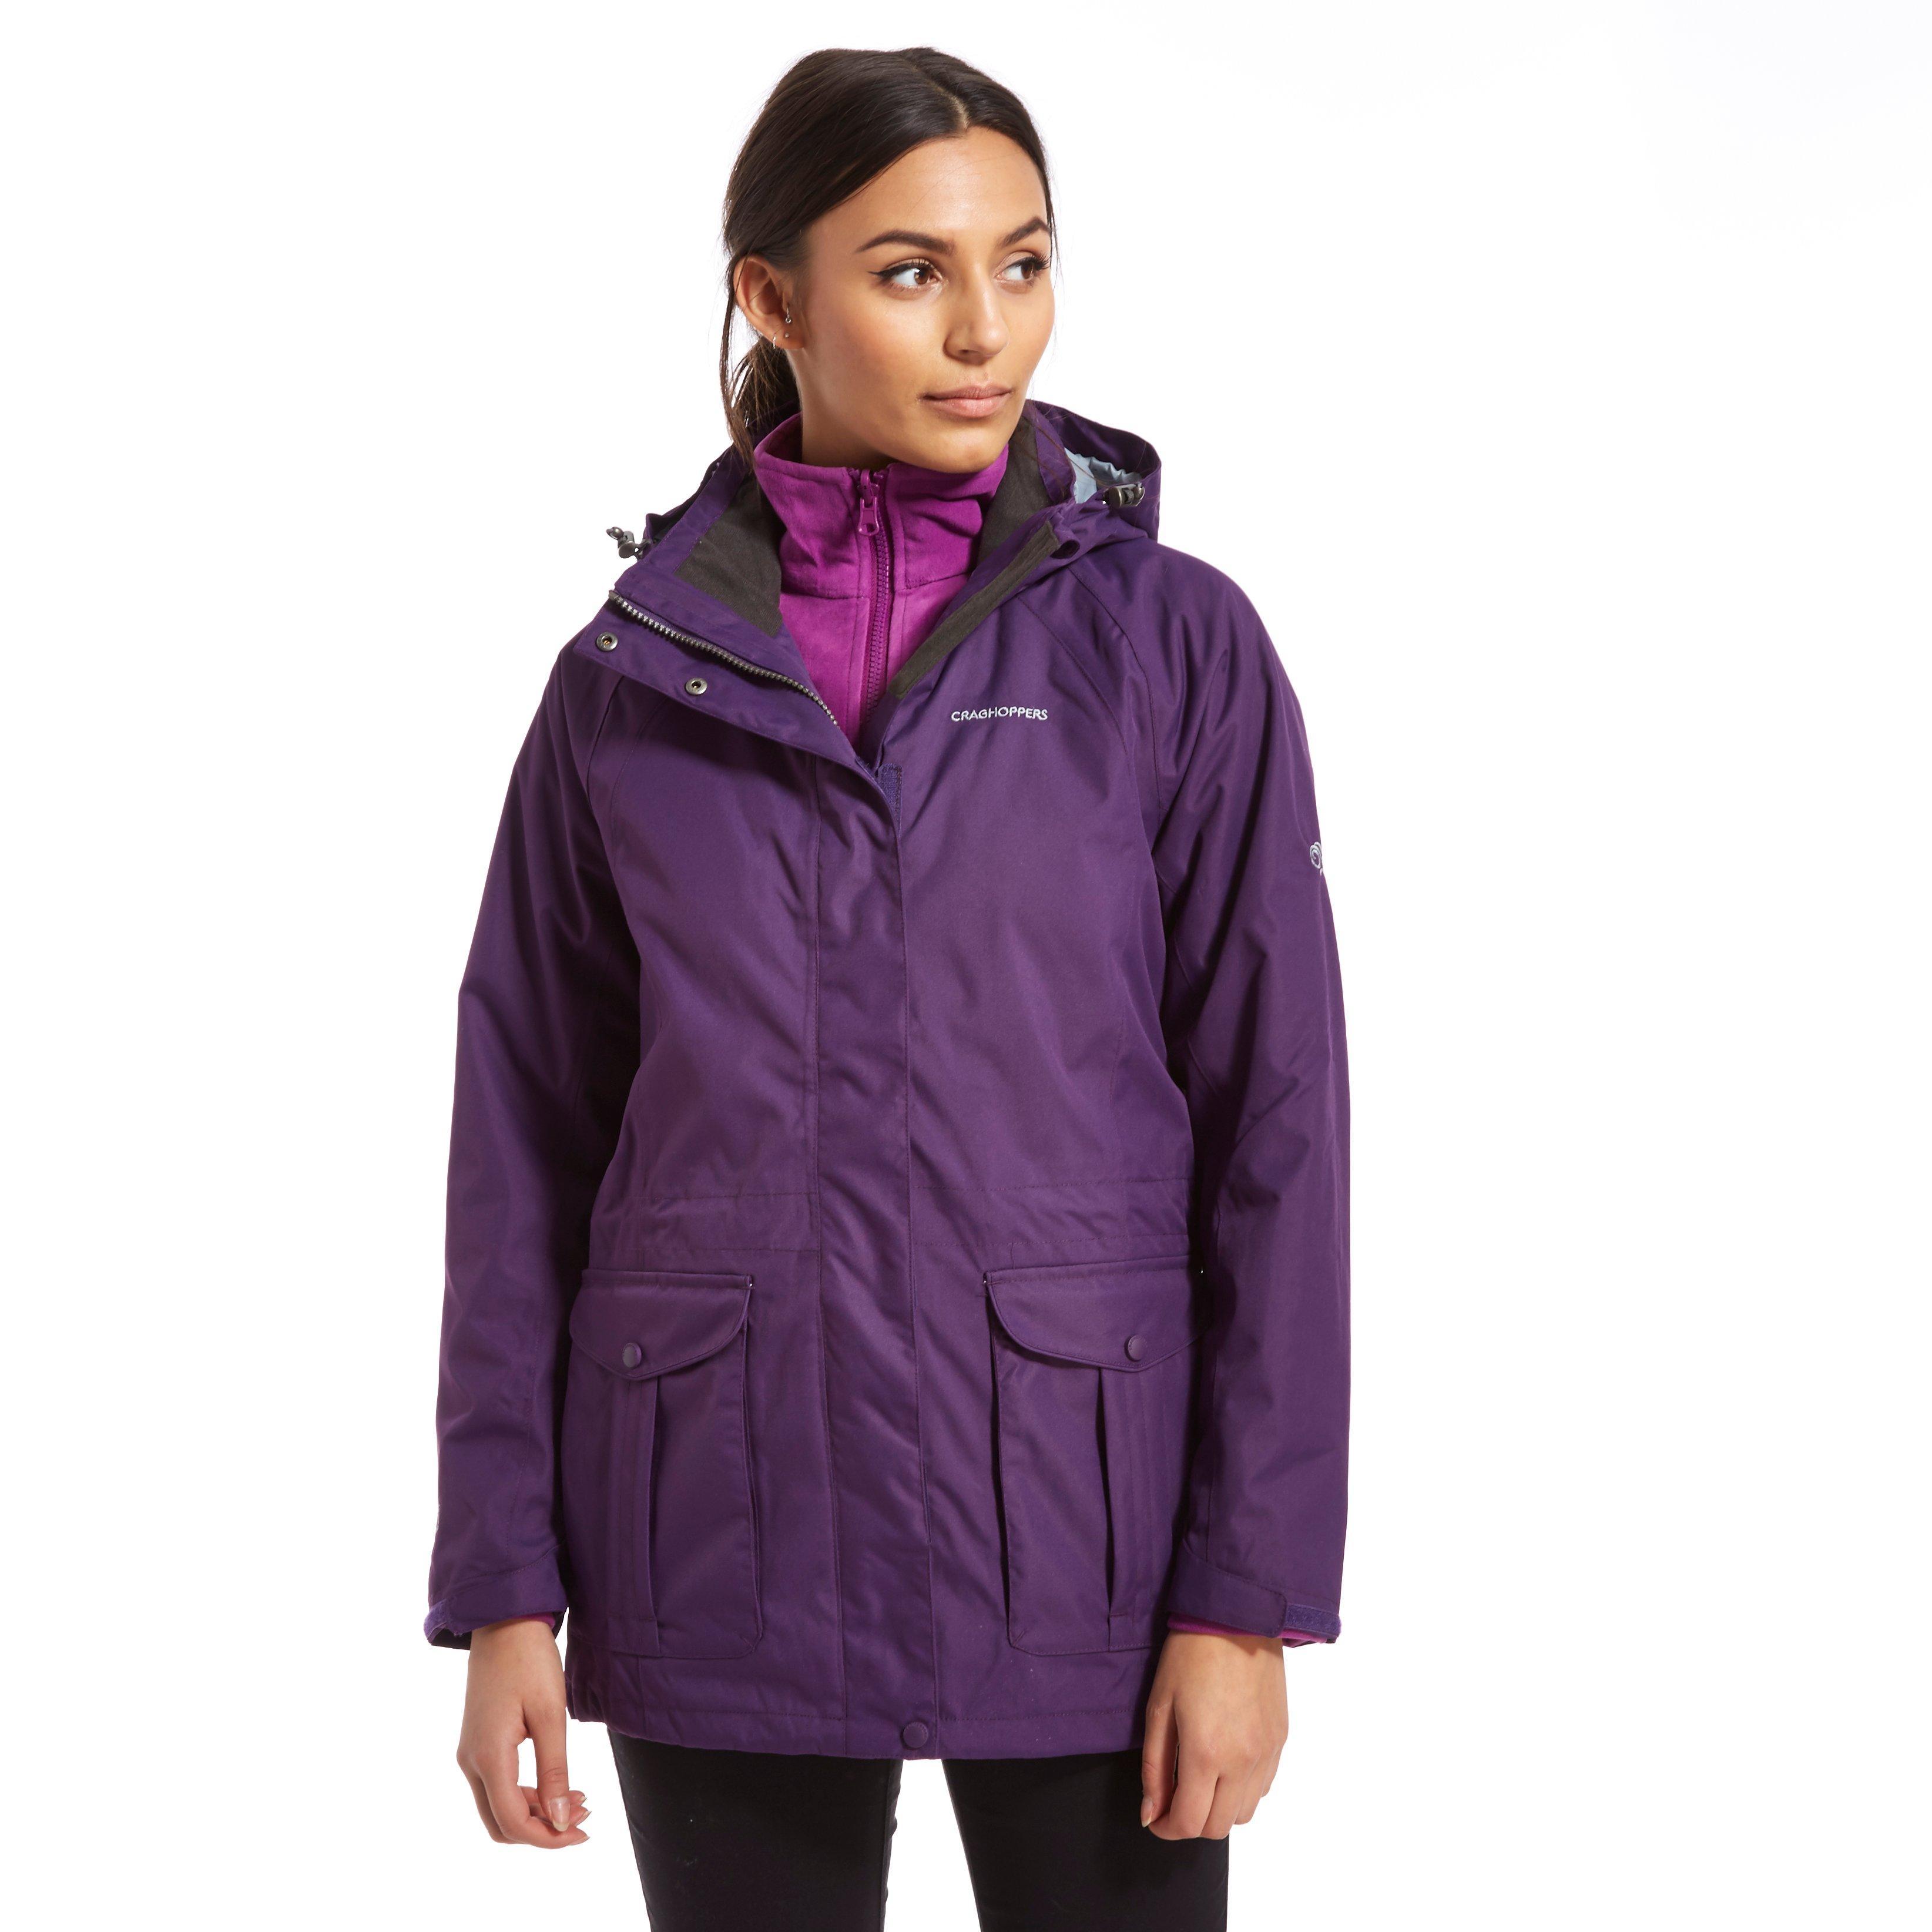 Craghoppers Womens Madigan 3 in 1 Waterproof Jacket Purple